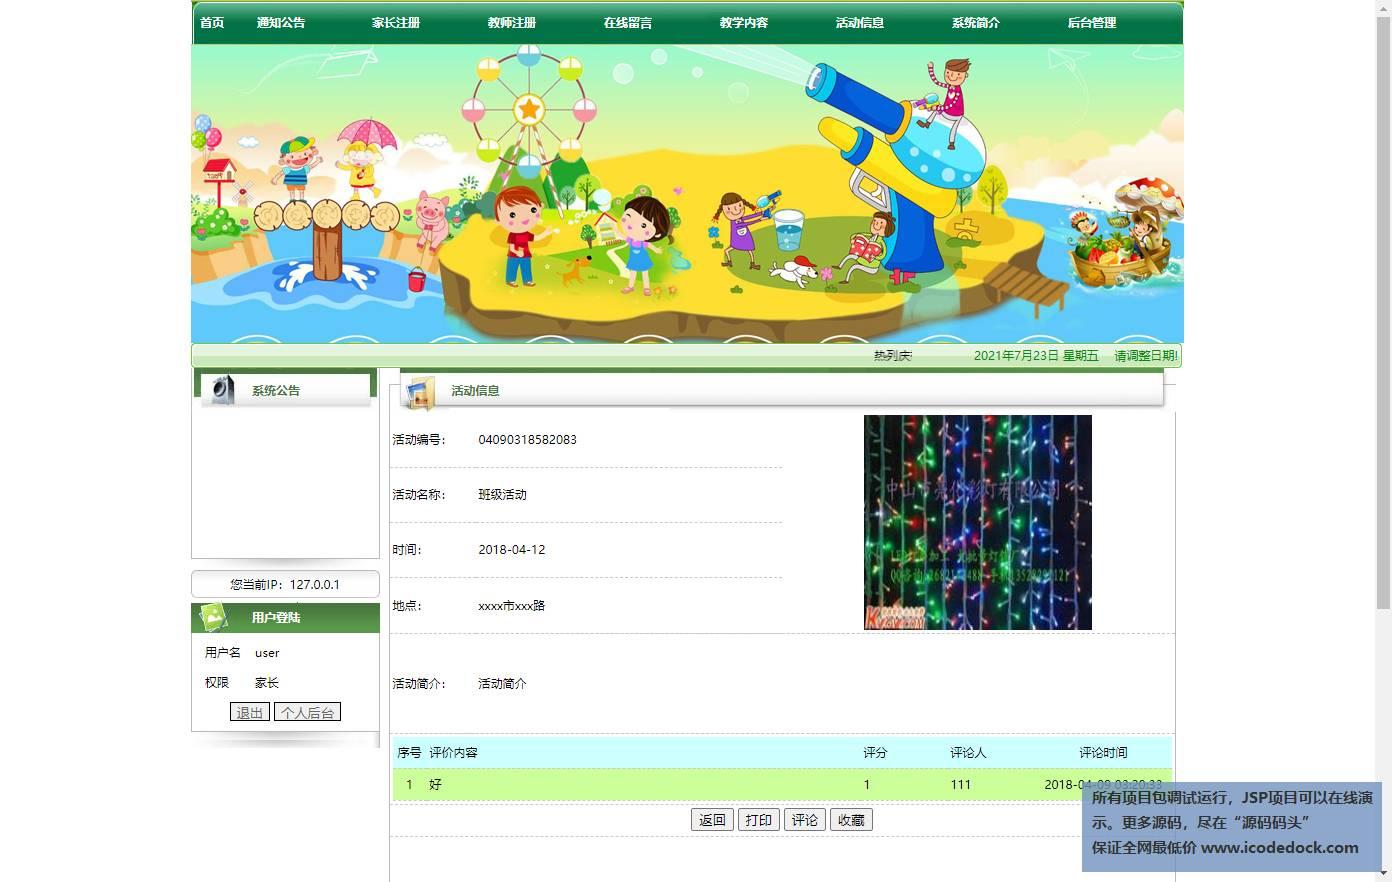 源码码头-JSP在线幼儿园管理包含官网系统平台-用户角色-活动信息详情